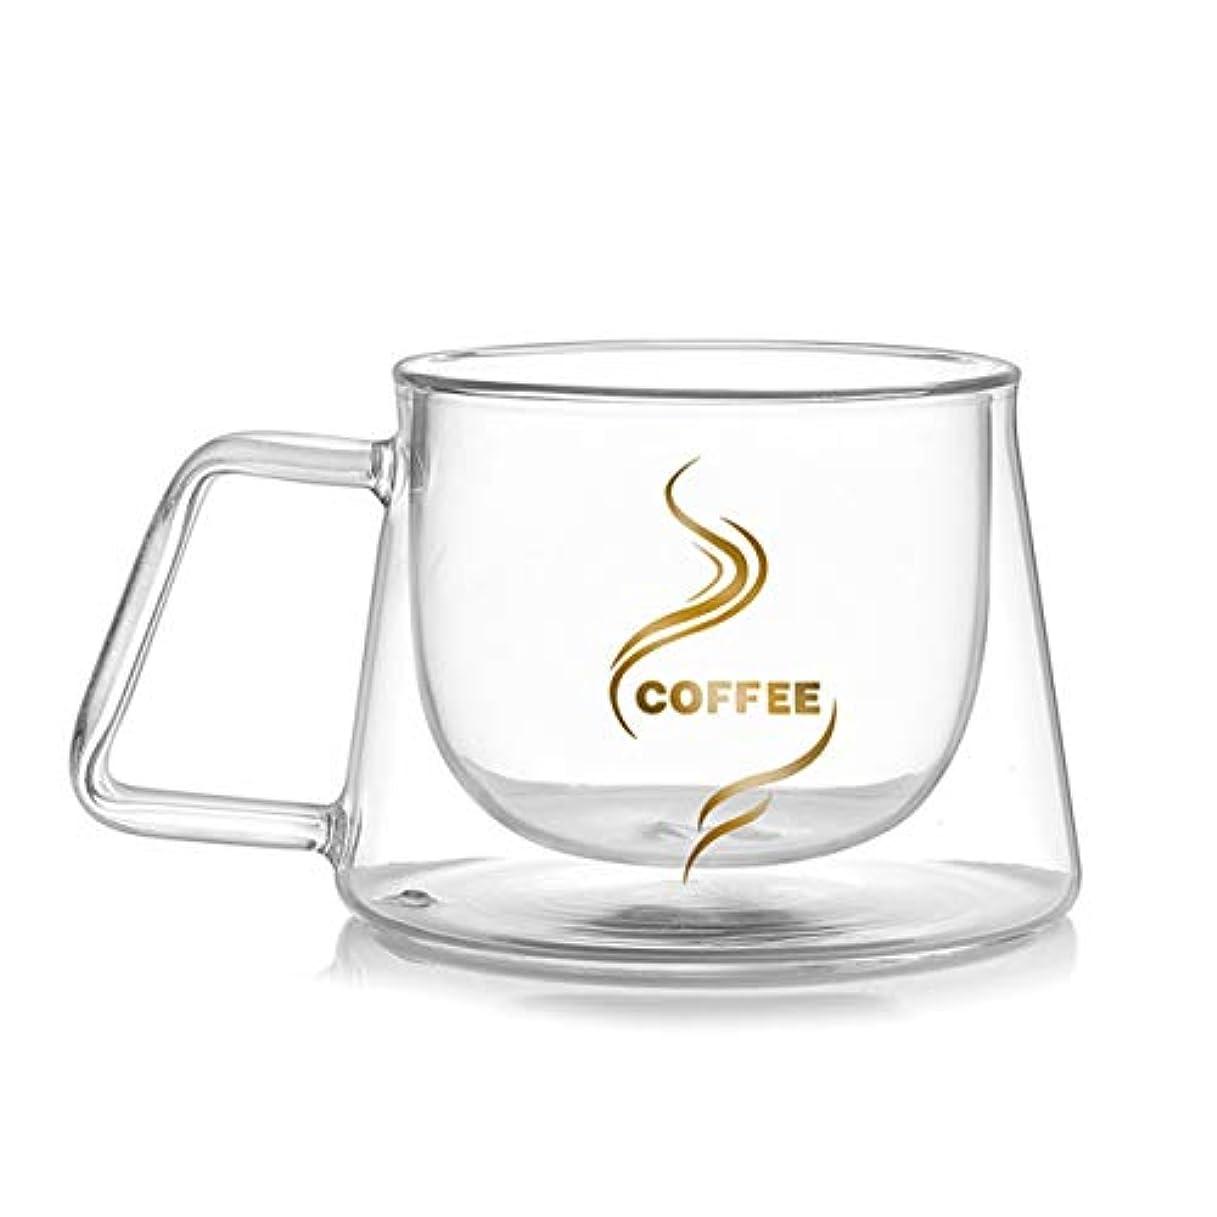 宙返り押し下げるドラッグSaikogoods 200ML ダブルレイヤー ガラスのコーヒーカップ コーヒーマグ 手作り ビールジョッキを飲む ホームオフィスマグ 透明 耐熱 カップ グラス トランスペアレント